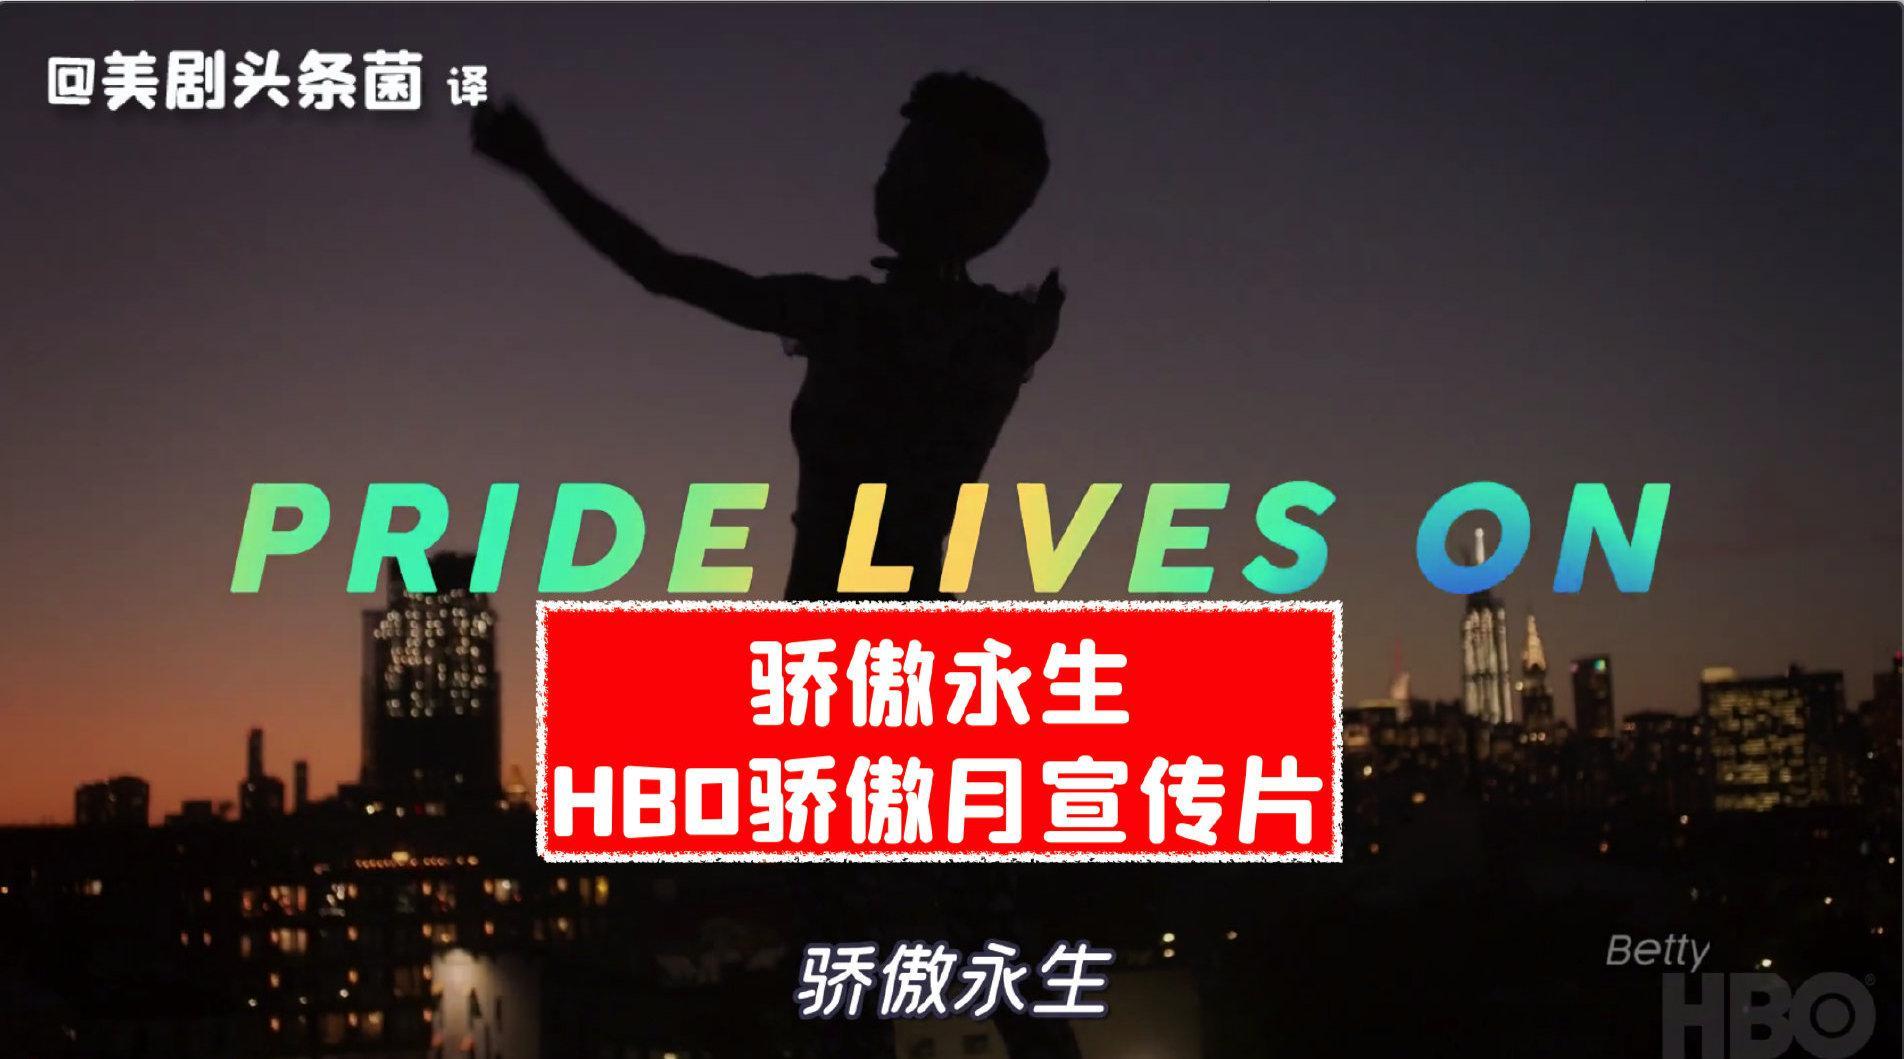 骄傲永生!HBO骄傲月宣传片